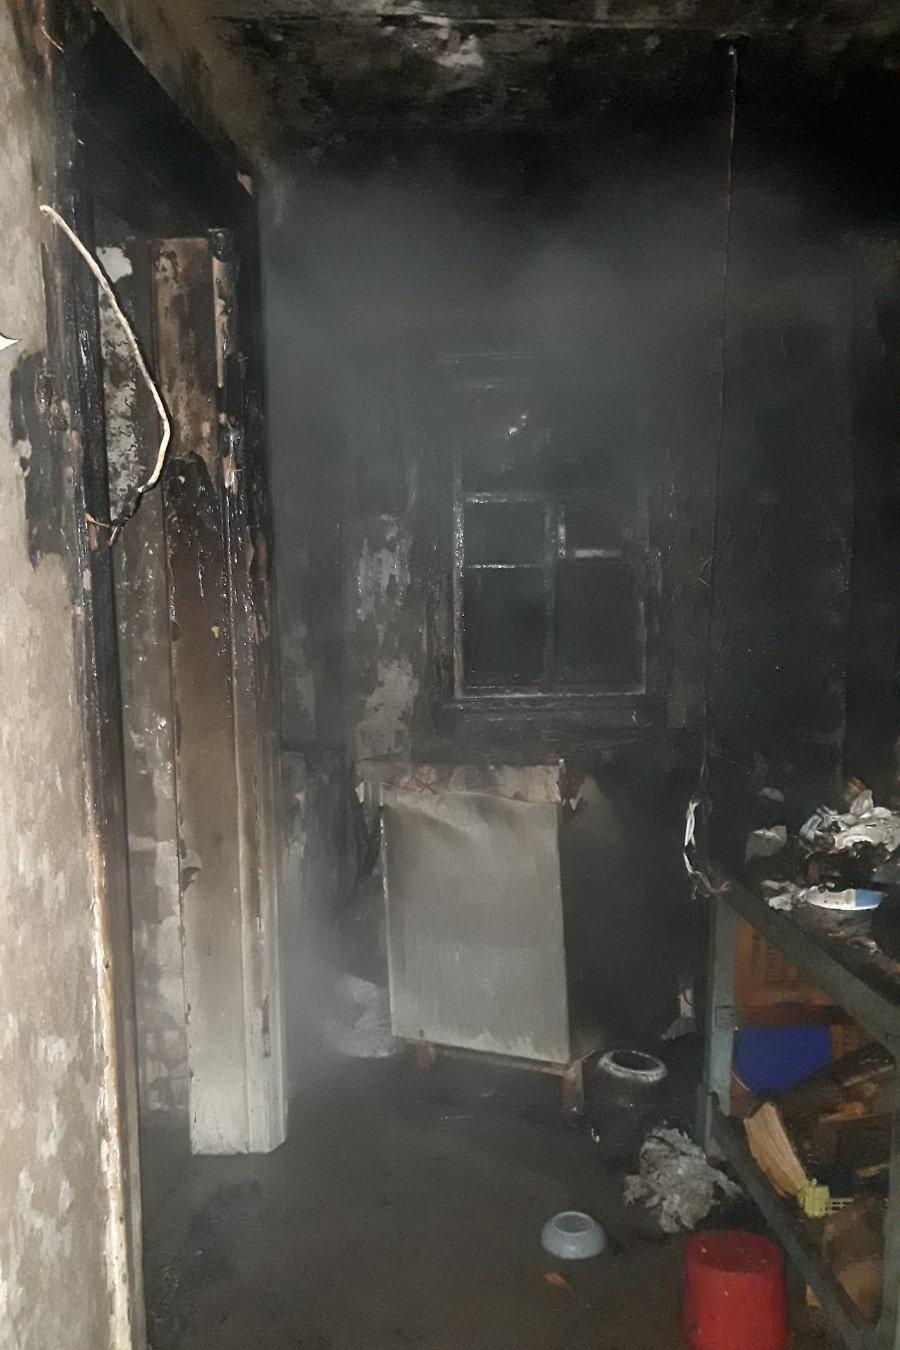 На Харьковщине спасатели несколько часов тушили пожар в доме: хозяйка отравилась угарным газом, - ФОТО, фото-1